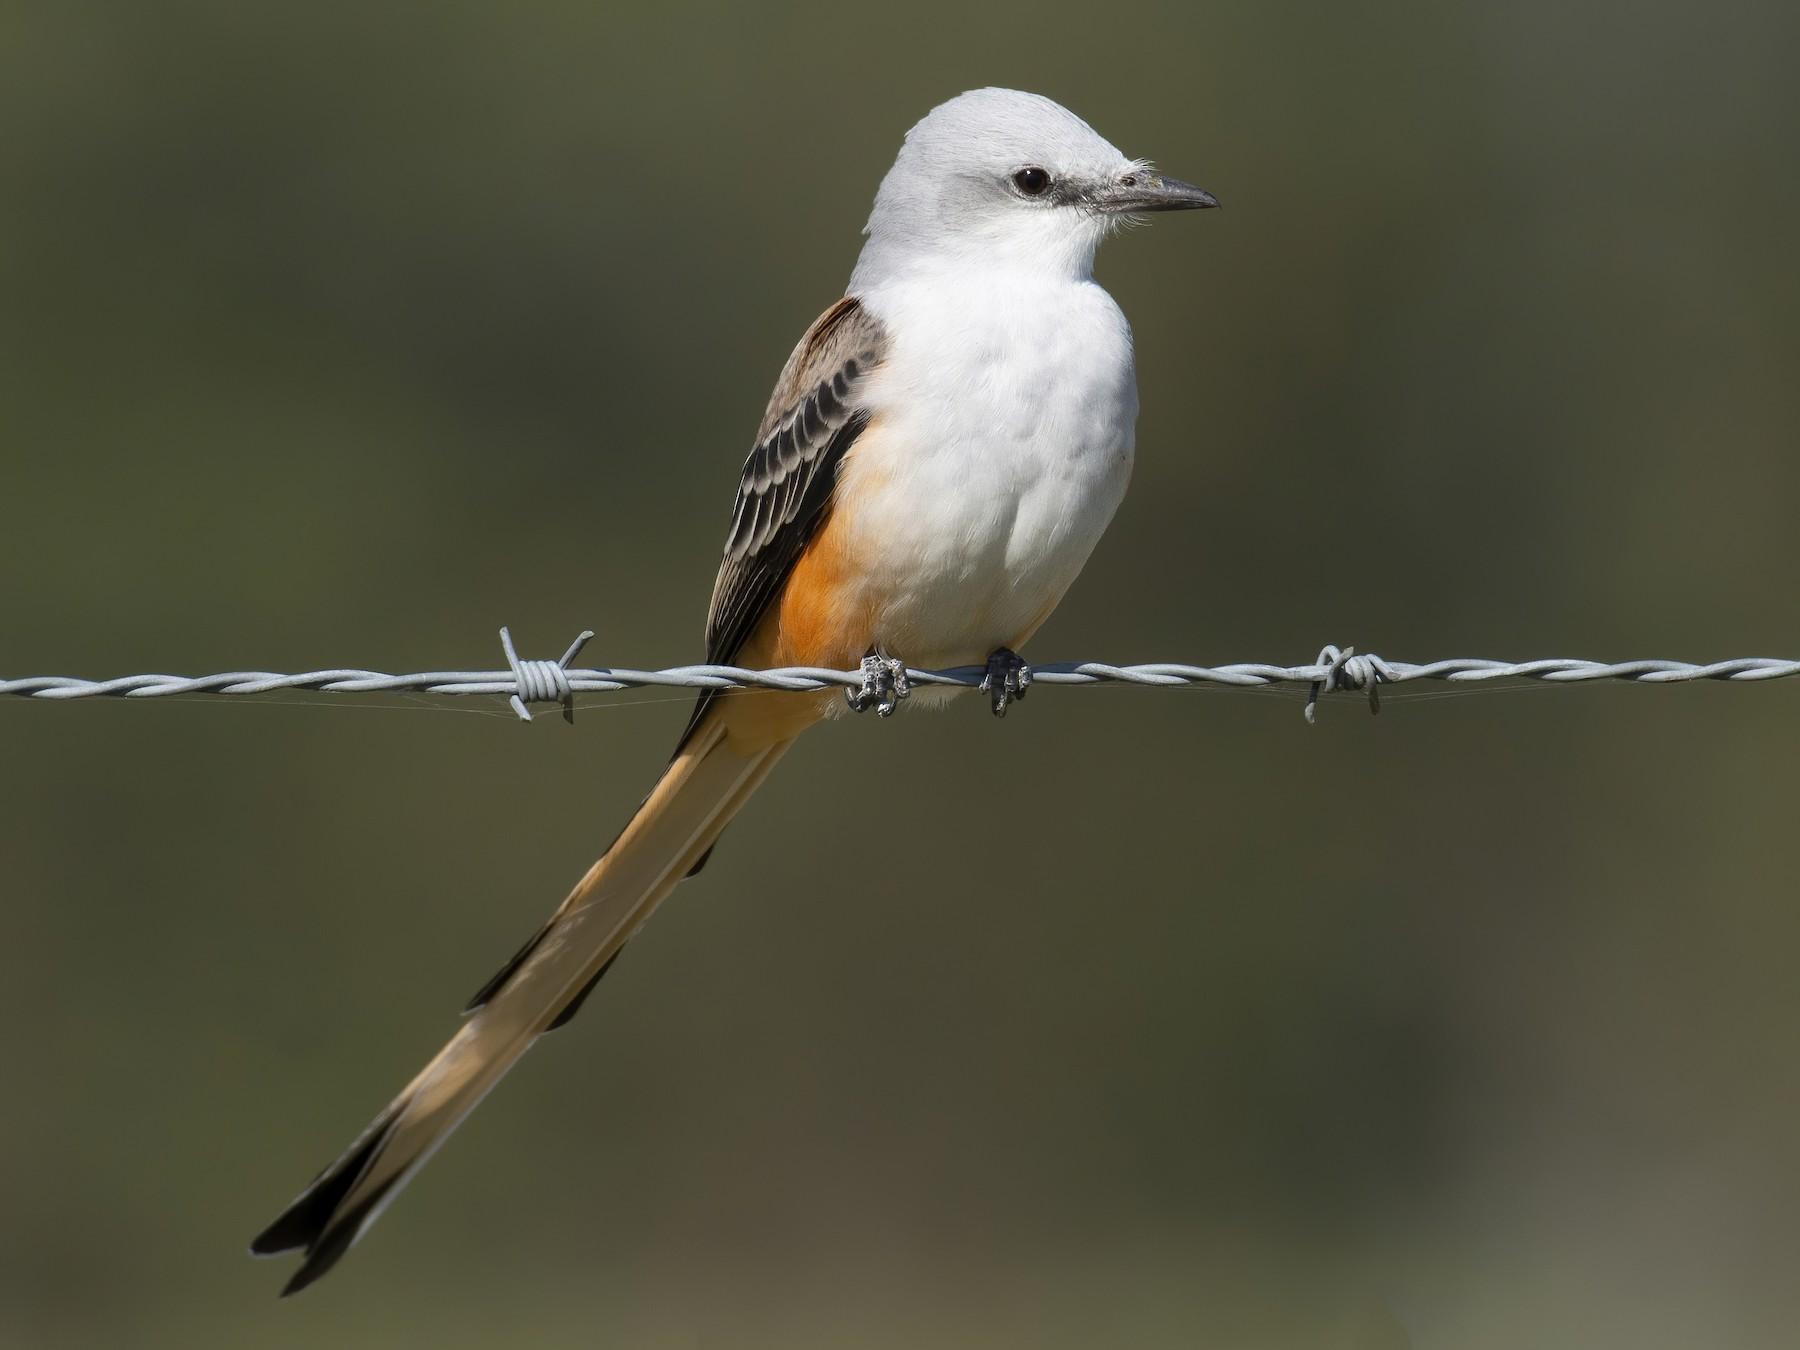 Scissor-tailed Flycatcher - Marky Mutchler